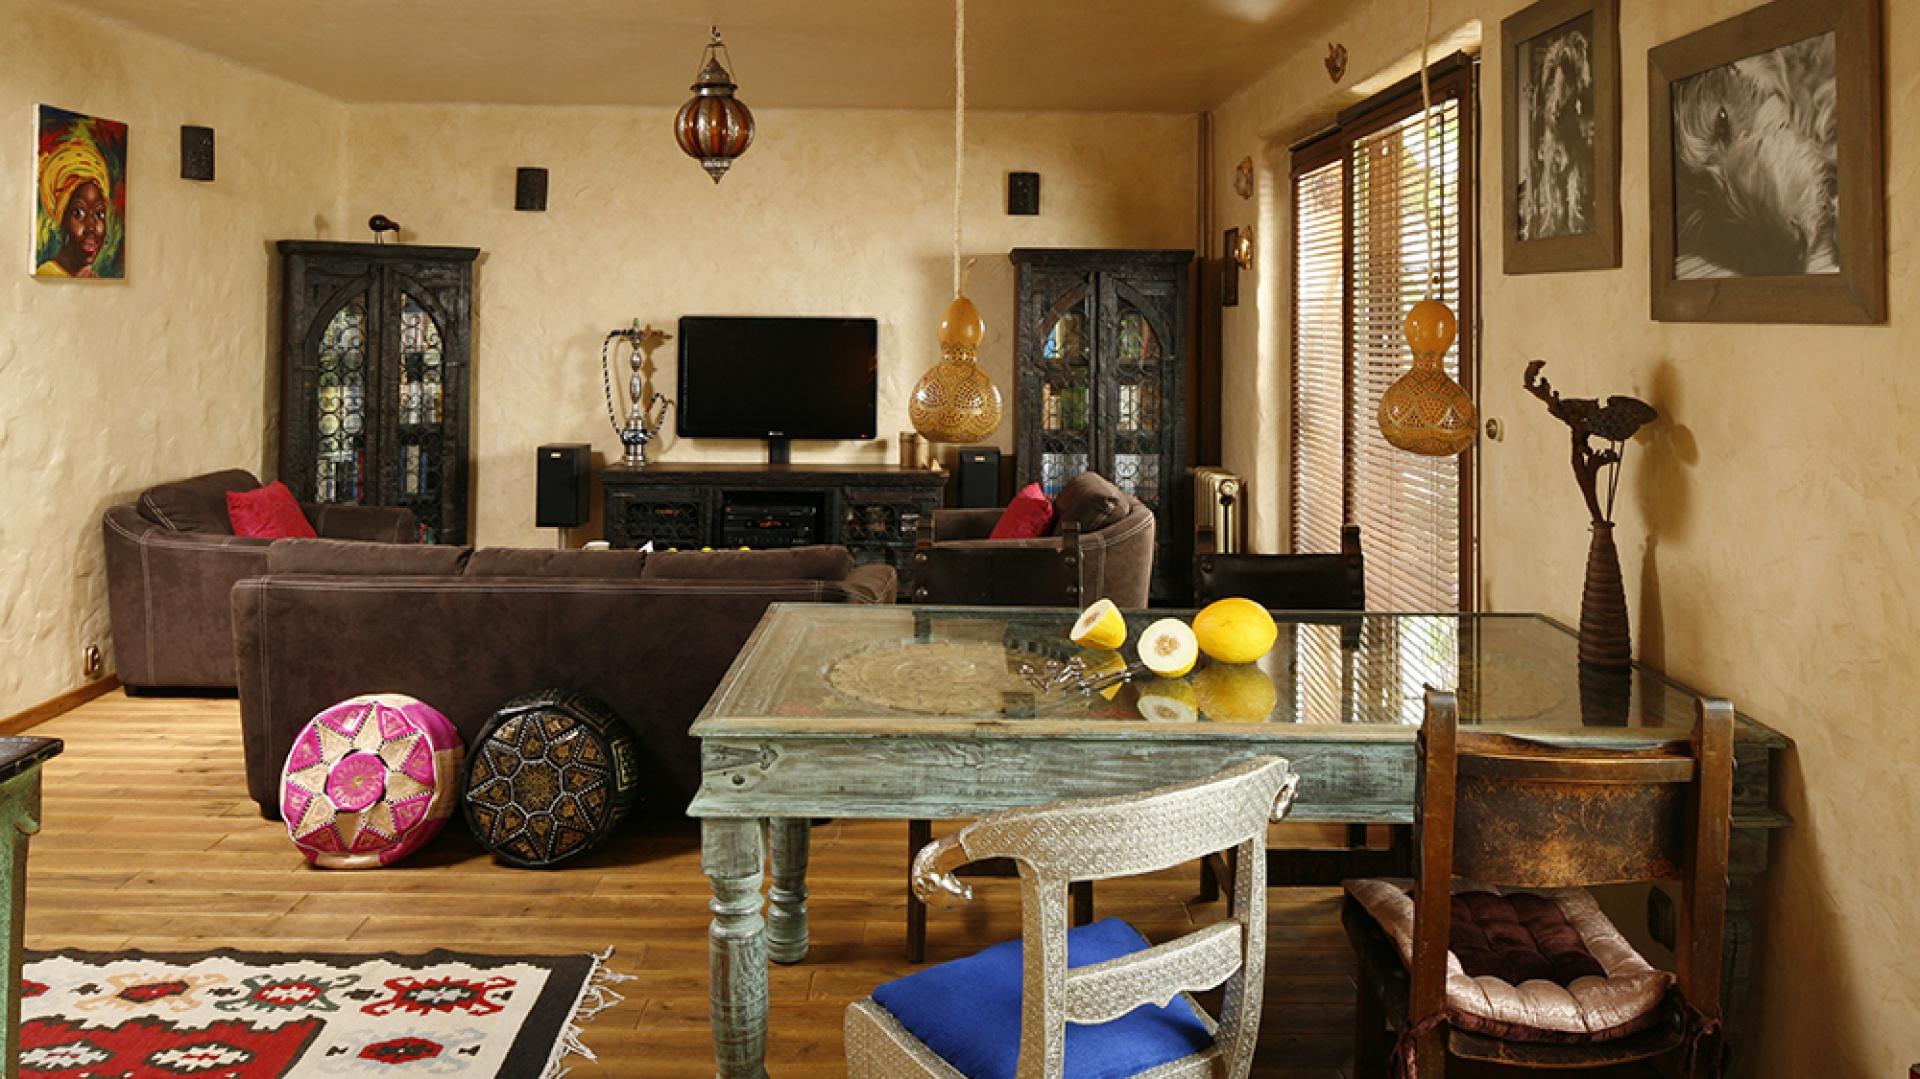 Reprezentacyjna jadalnia znajduje się w obrębie salonu. Razem z kuchnią tworzą jedną przestrzeń wypełnioną unikatowymi meblami, wzorzystymi tkaninami, różnorodnymi kolorami, materiałami, fakturami. Fot. Bartosz Jarosz.